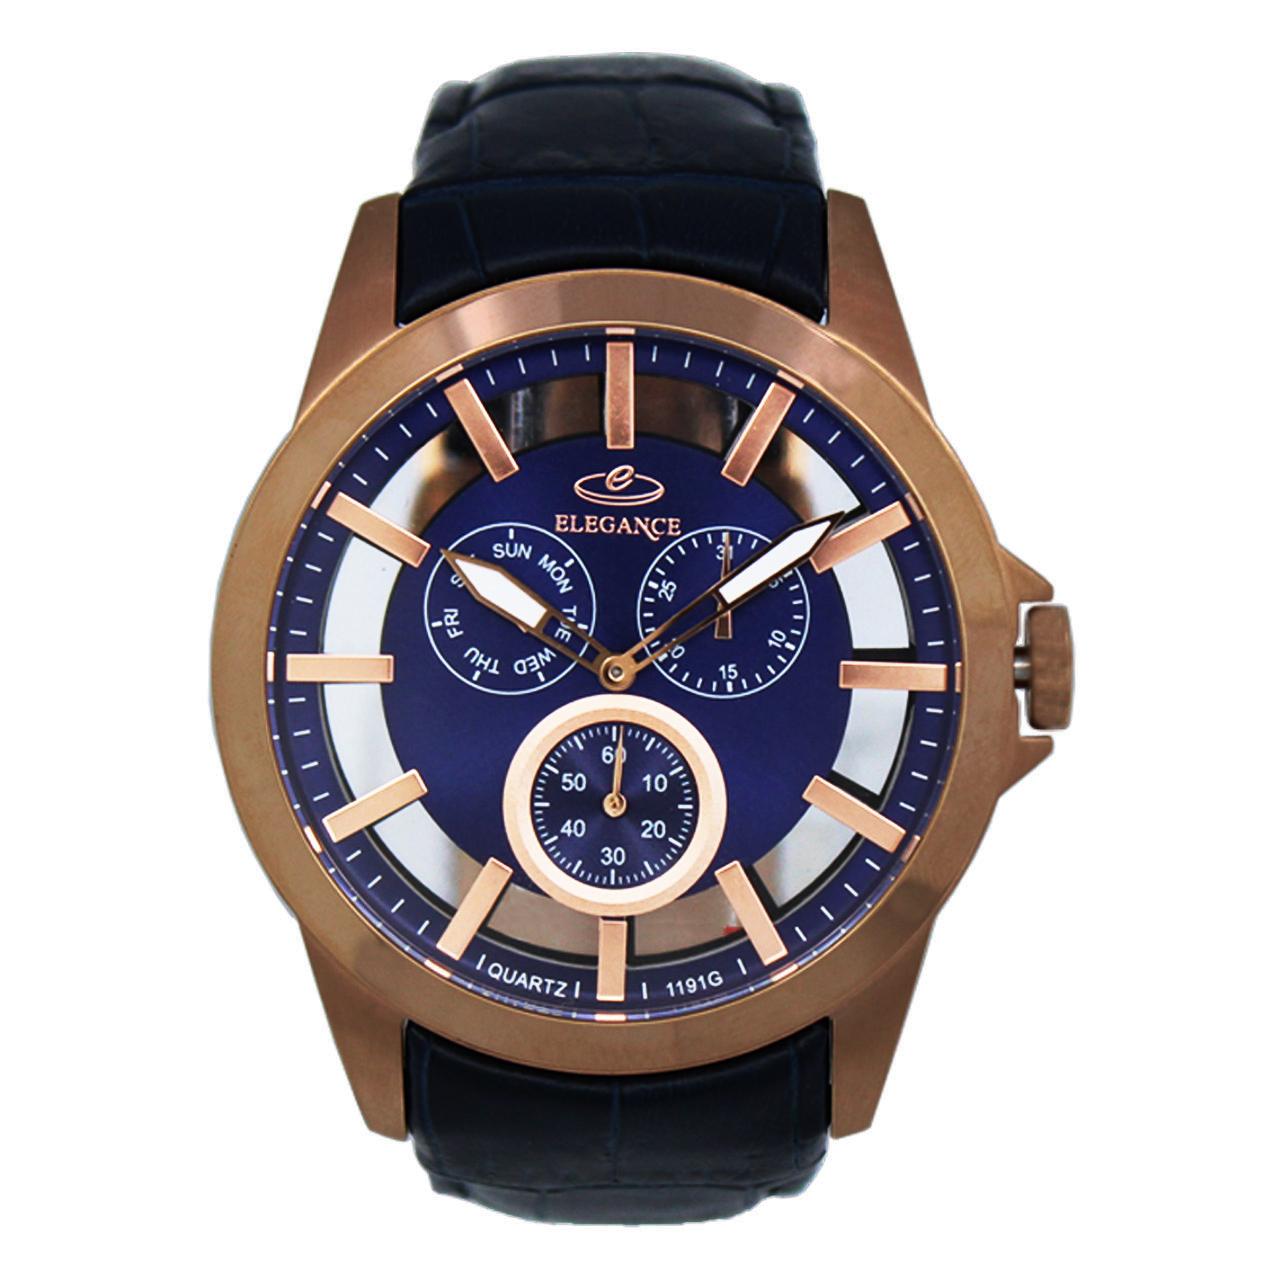 ساعت مچی عقربه ای مردانه الگانس مدل DGMK-0133 - 1191G